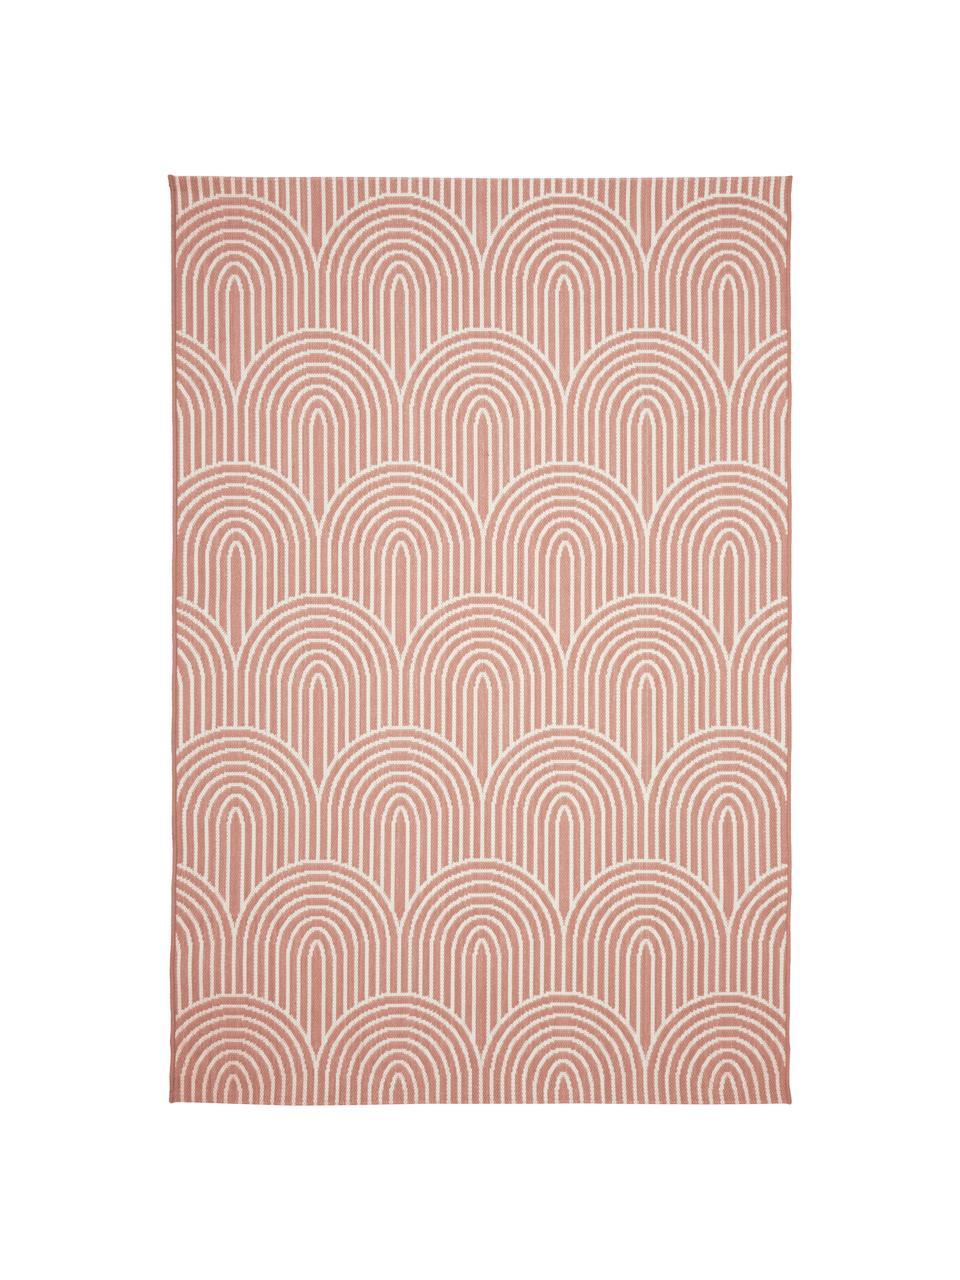 In- & Outdoorteppich Arches in Koralle/Cremeweiß, 86% Polypropylen, 14% Polyester, Rot, Weiß, B 200 x L 290 cm (Größe L)